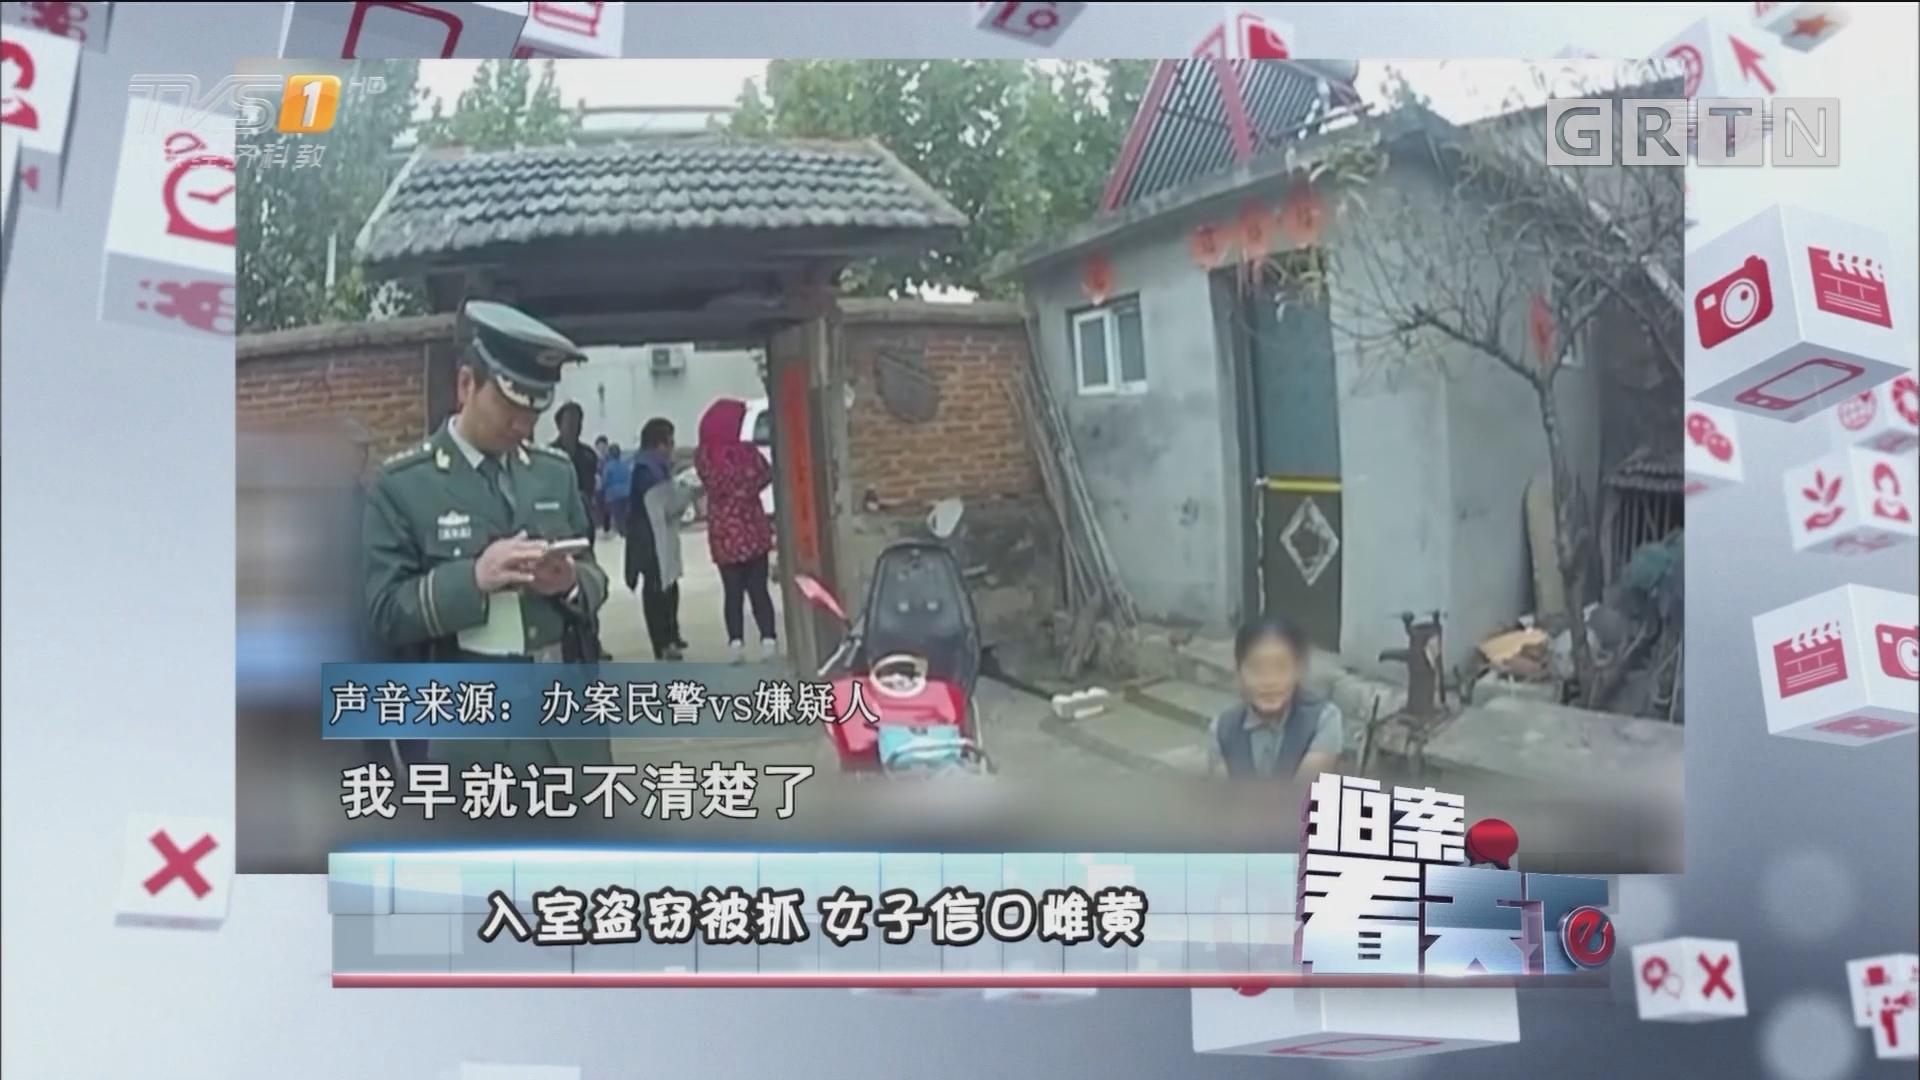 [HD][2017-11-01]拍案看天下:入室盗窃被抓 女子信口雌黄